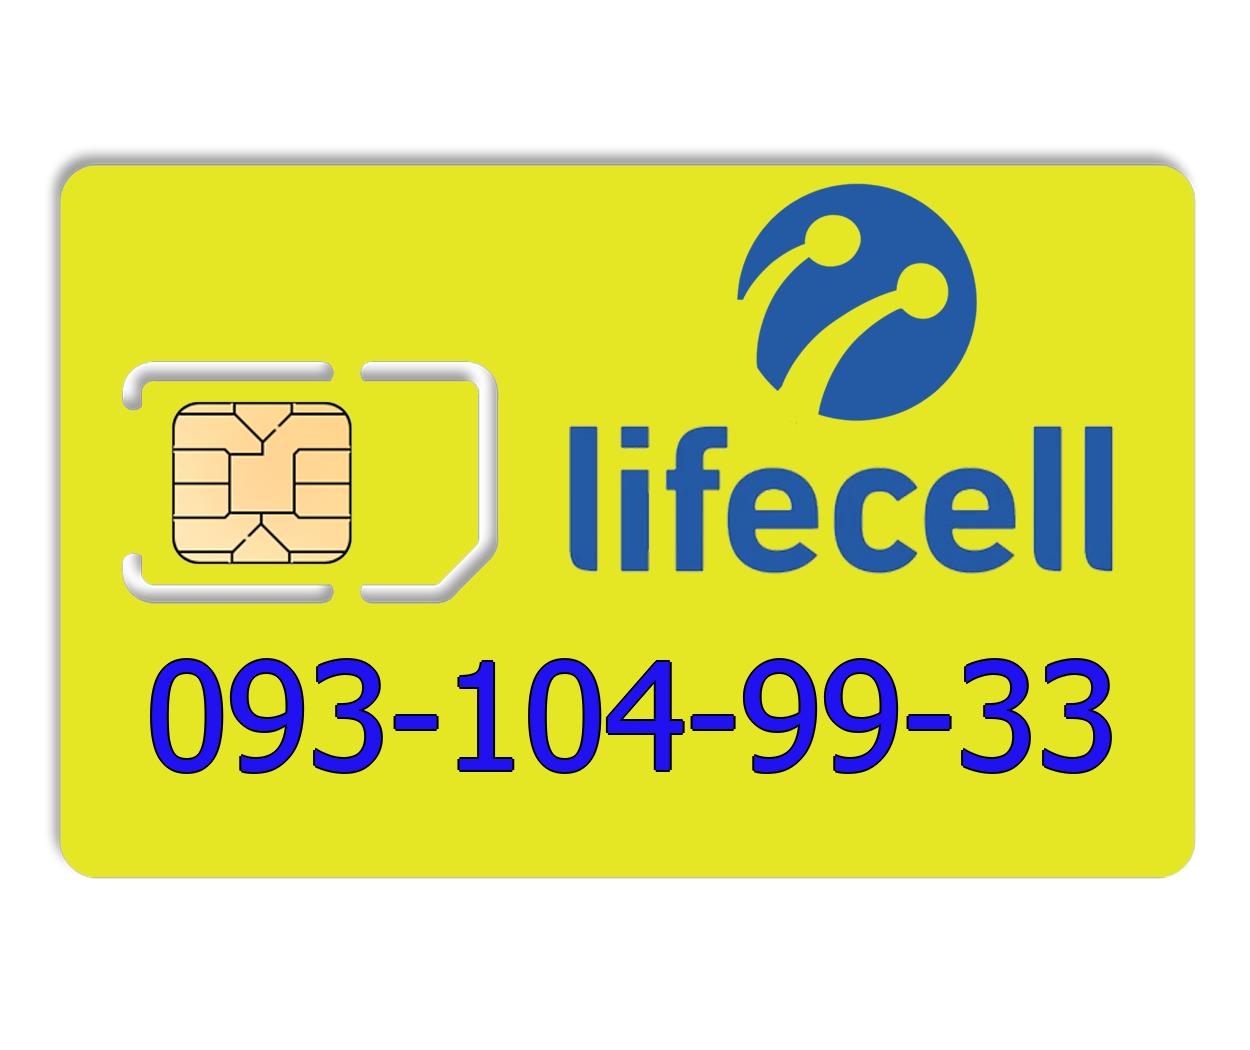 Красивый номер lifecell 093-104-99-33